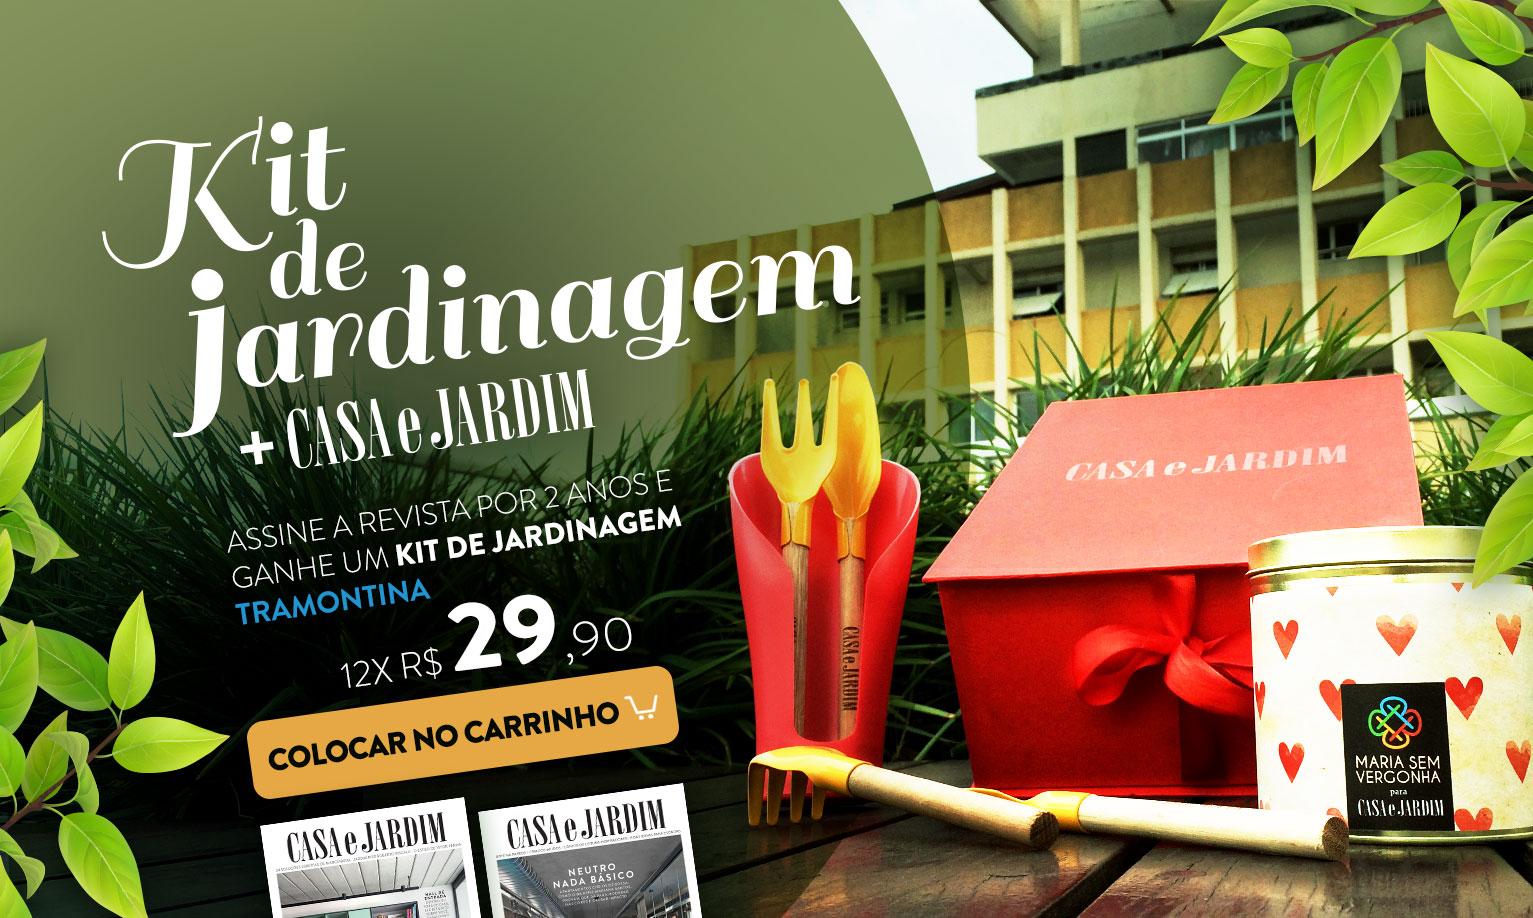 e32a025e65b22 .  E-commerce Editora Globo - Assine Casa e Jardim e ganhe kit de  Jardinagem  .